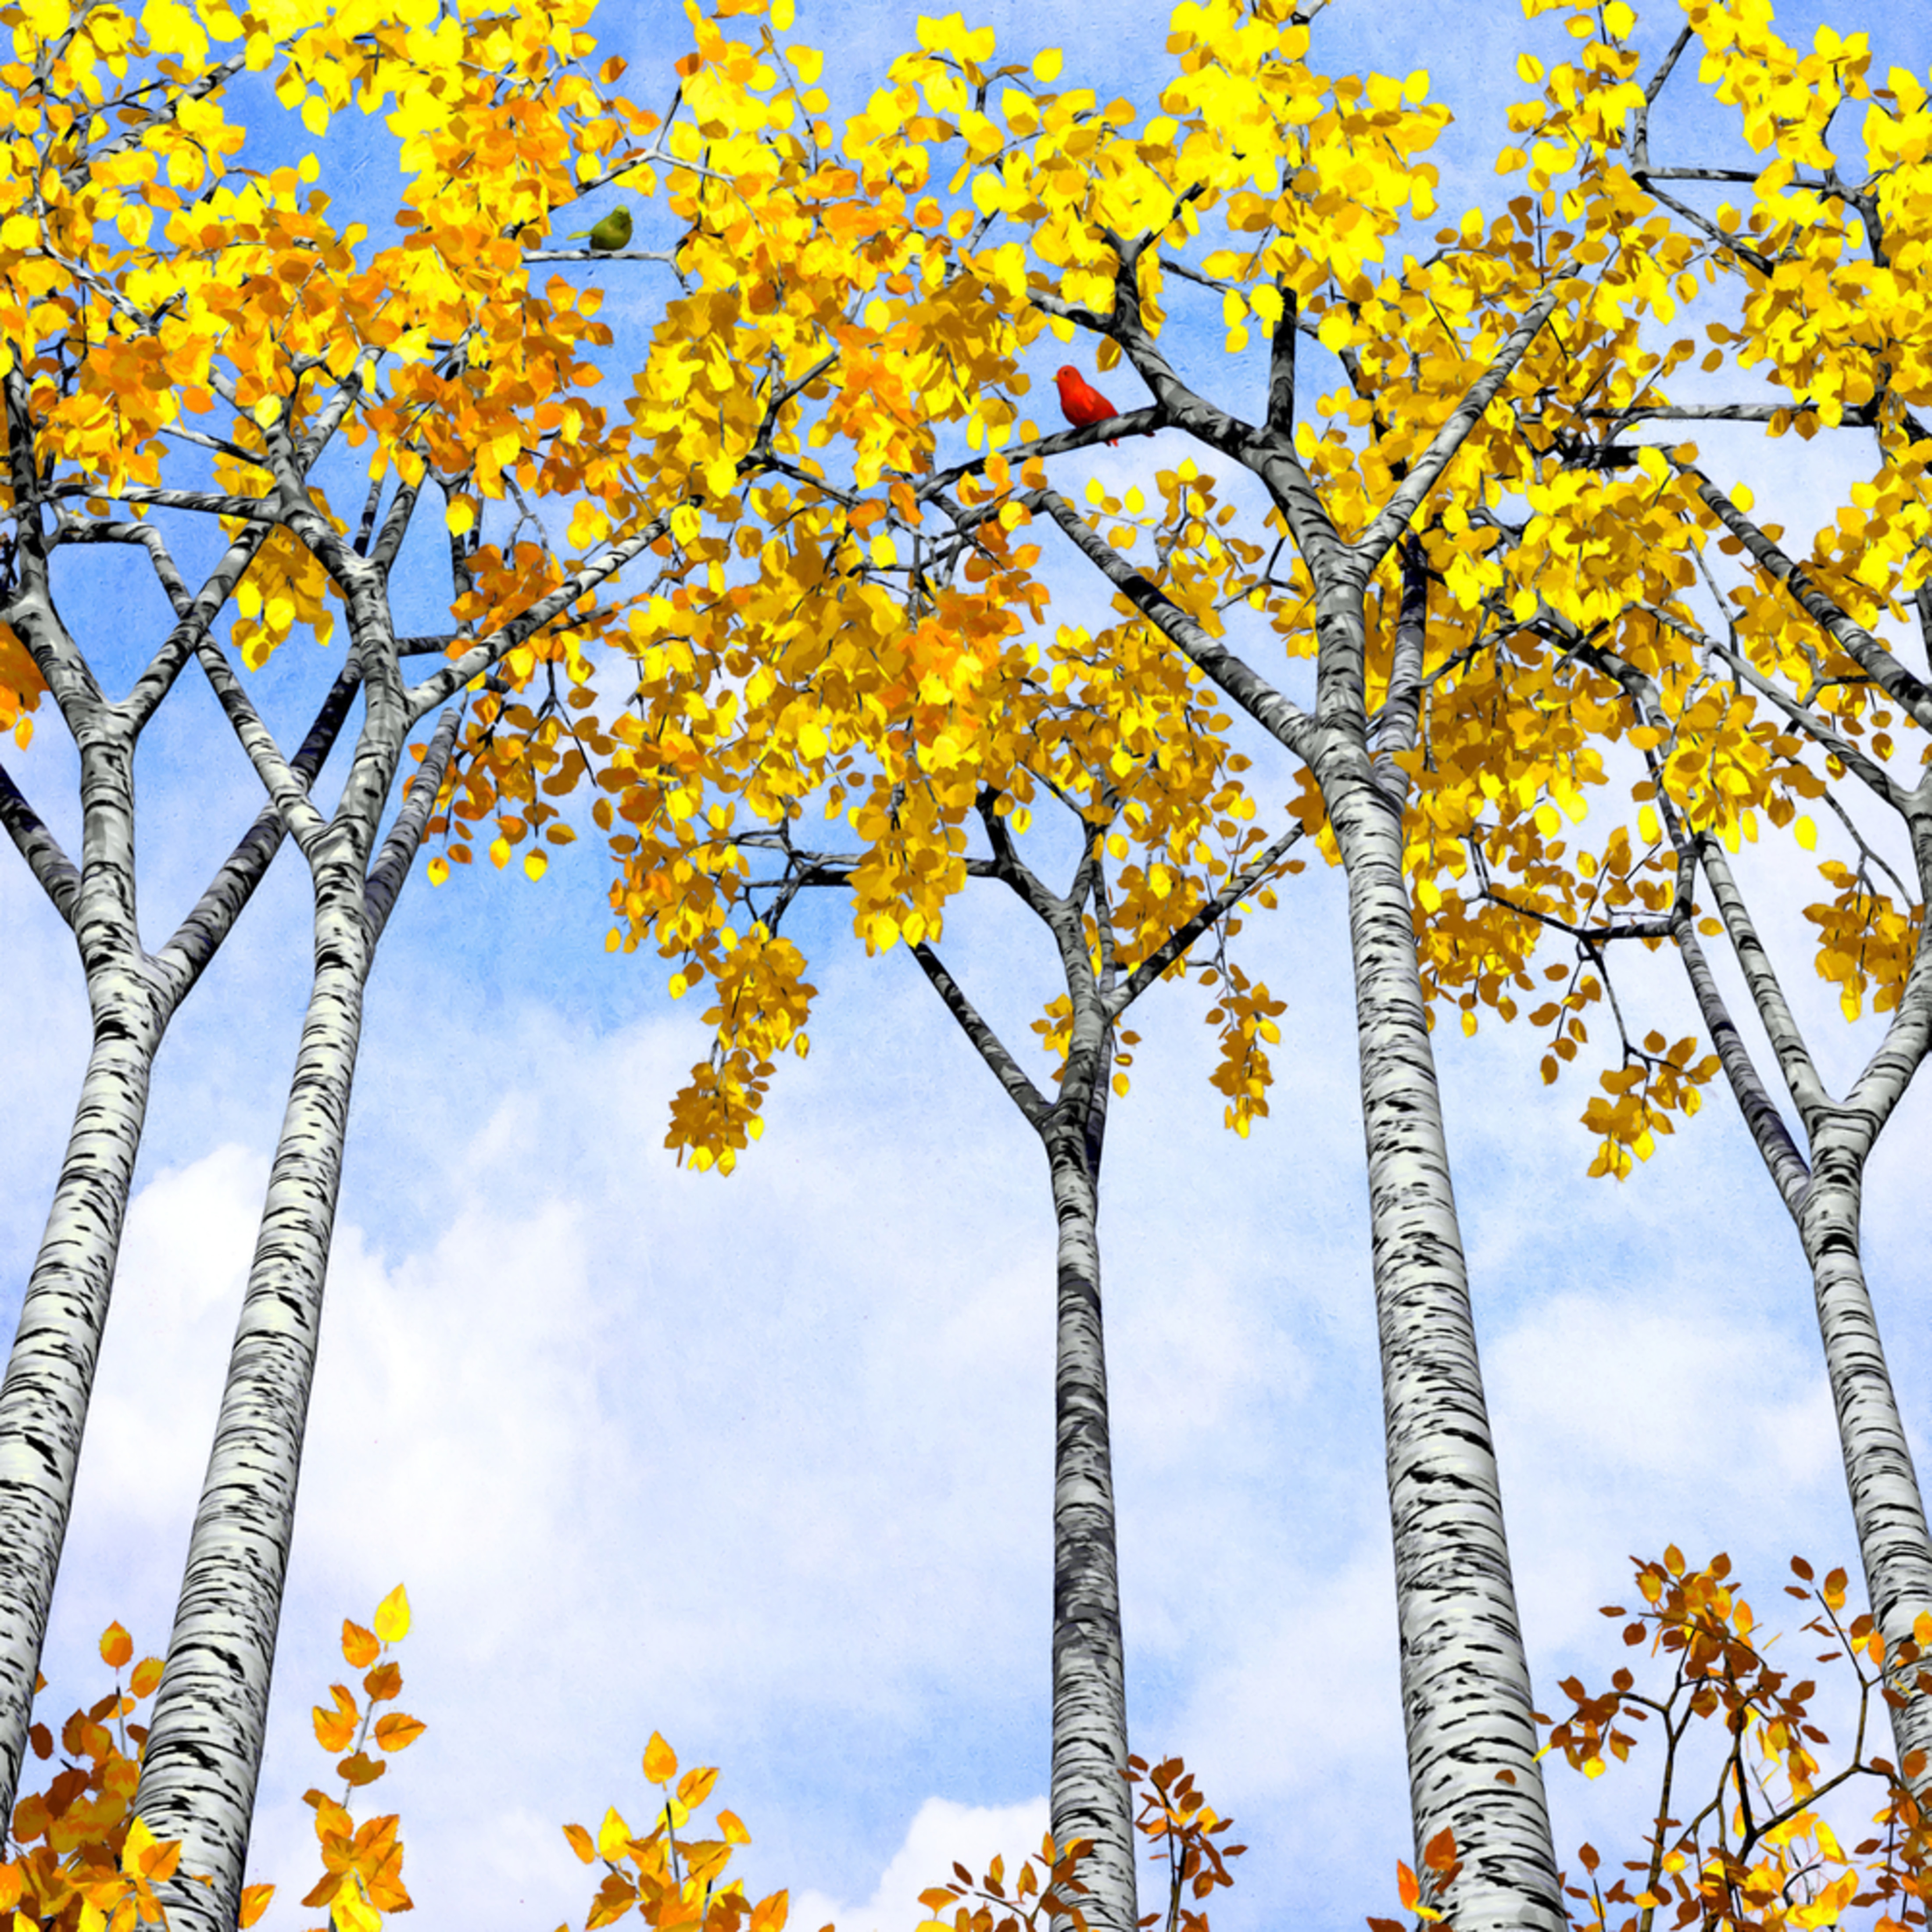 Cdecker birchgrove 6000 vert uafpcs